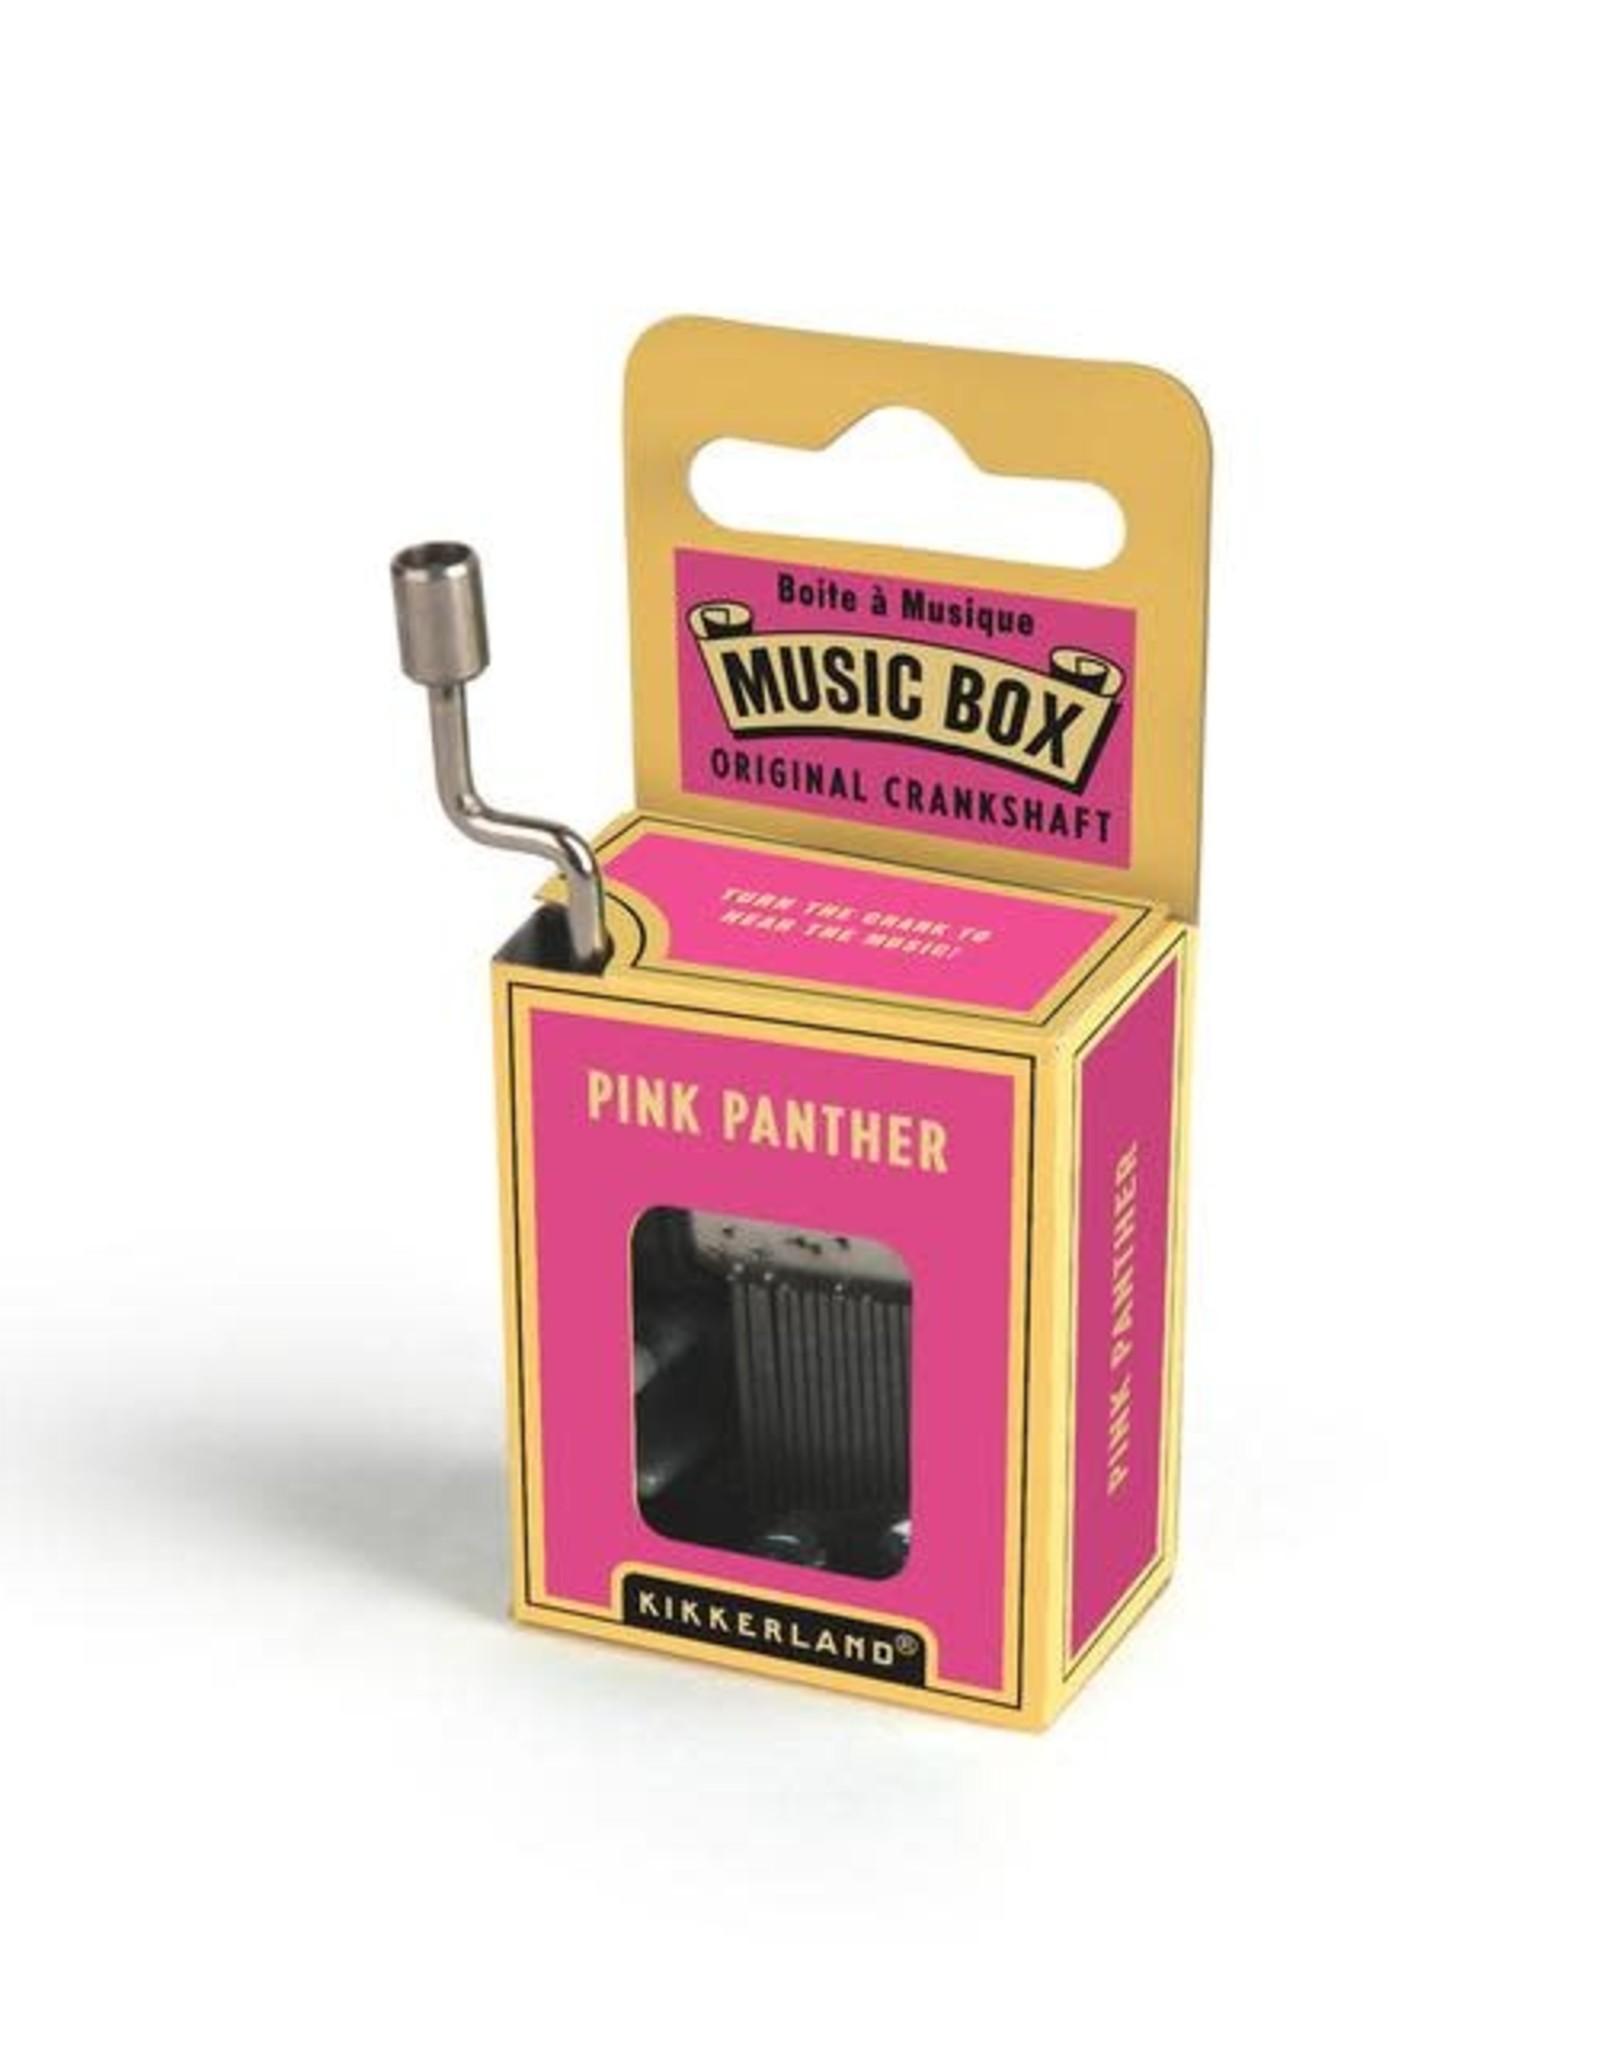 Kikkerland Hand Crank Music Box, Pink Panther - Kikkerland